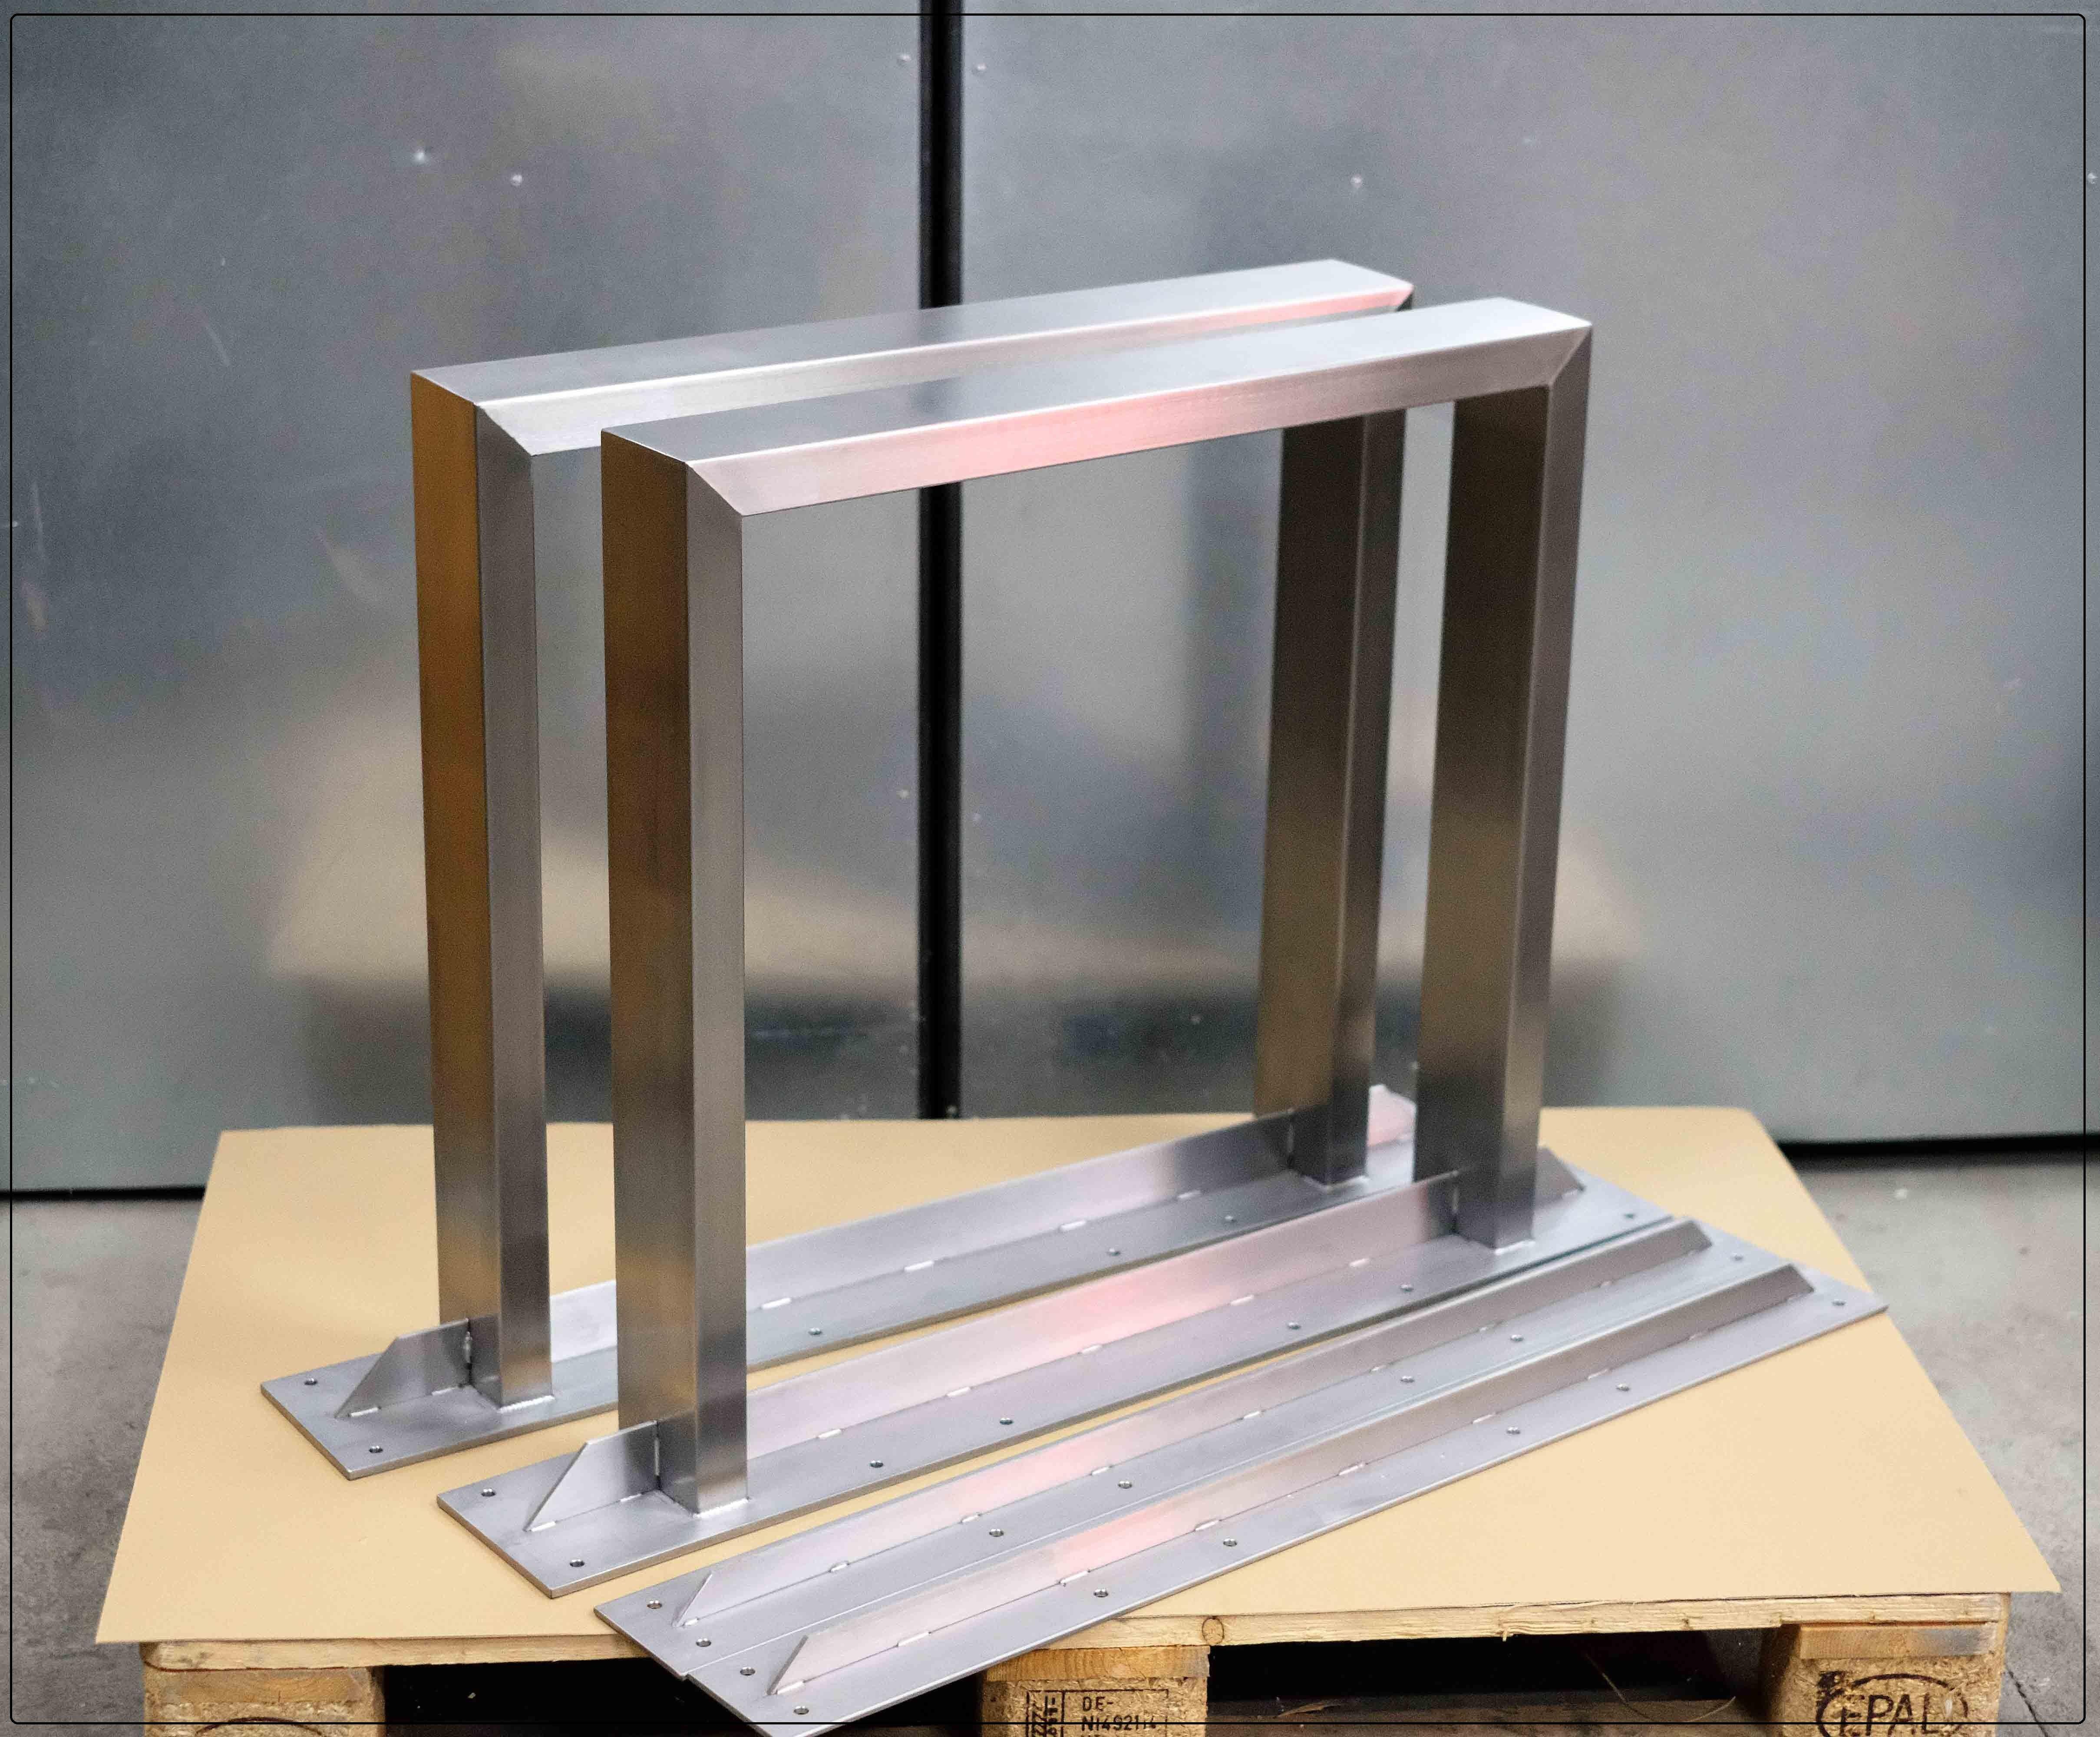 Stahl Tischkufen Tischkufen Edelstahl Metallbau Tischgestell